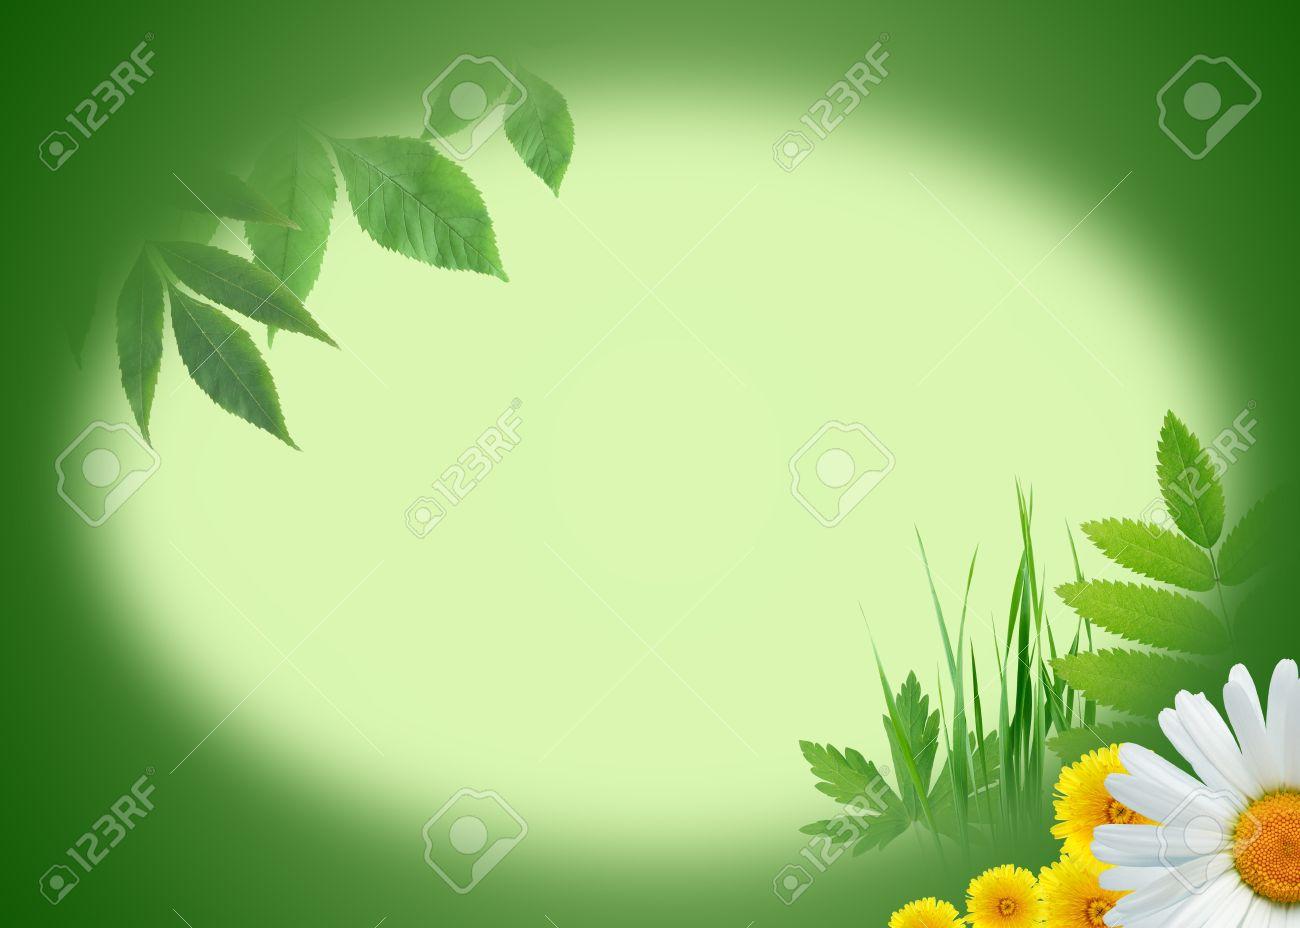 Immagini Stock Ecologia Concetto Natura Sfondo Verde Con Piante E